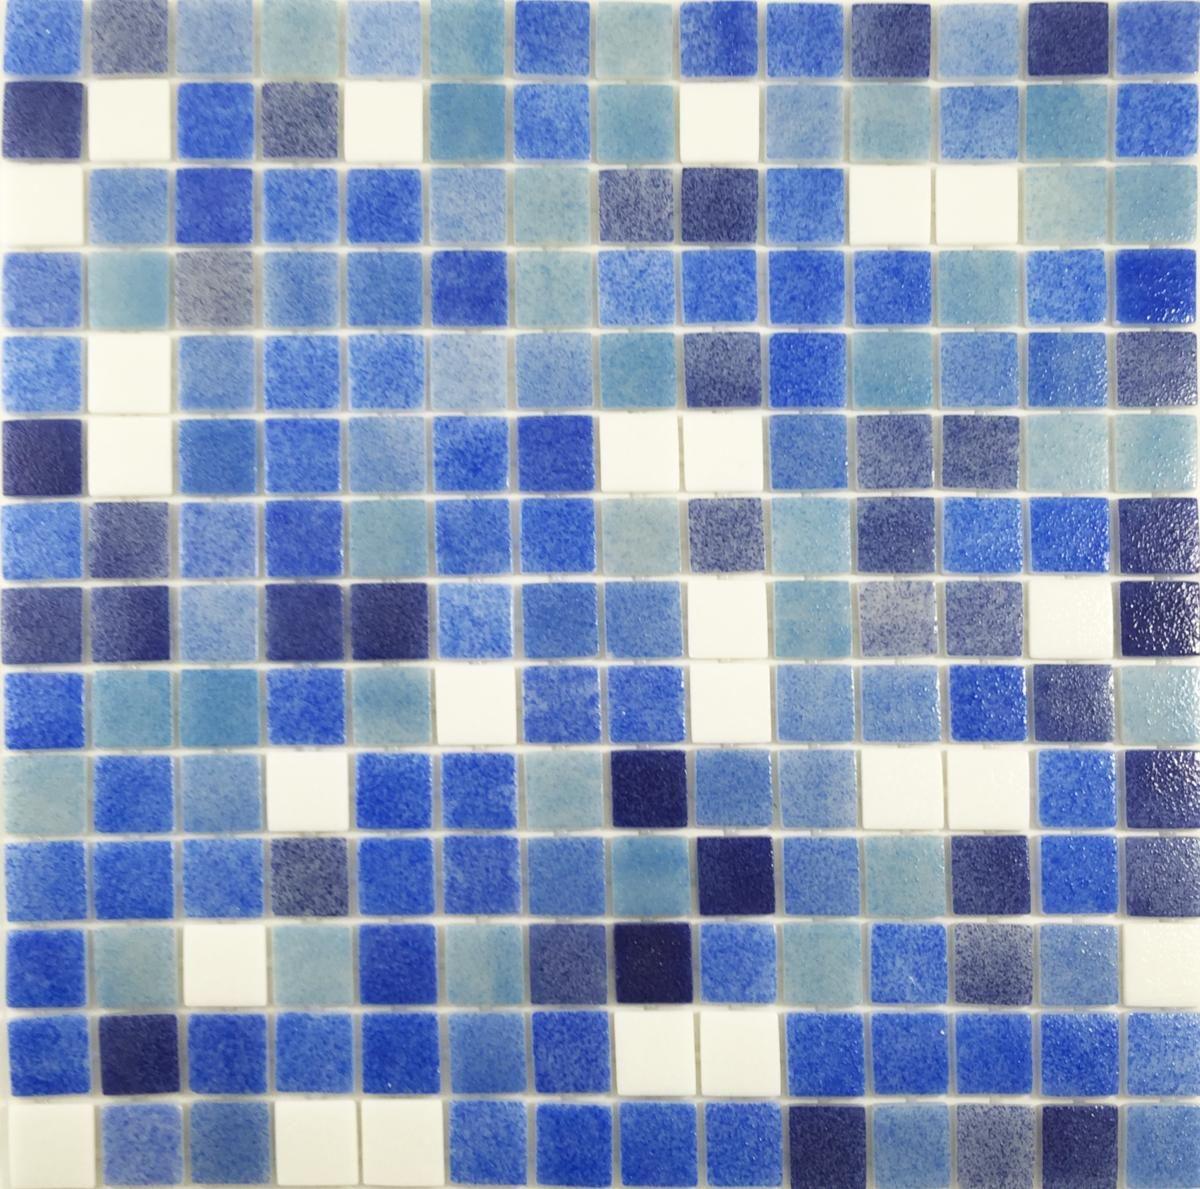 Magasin Meuble Salle De Bain Pau ~ m lange maux de verre martel diff rent bleu mouchet et blanc 2 4